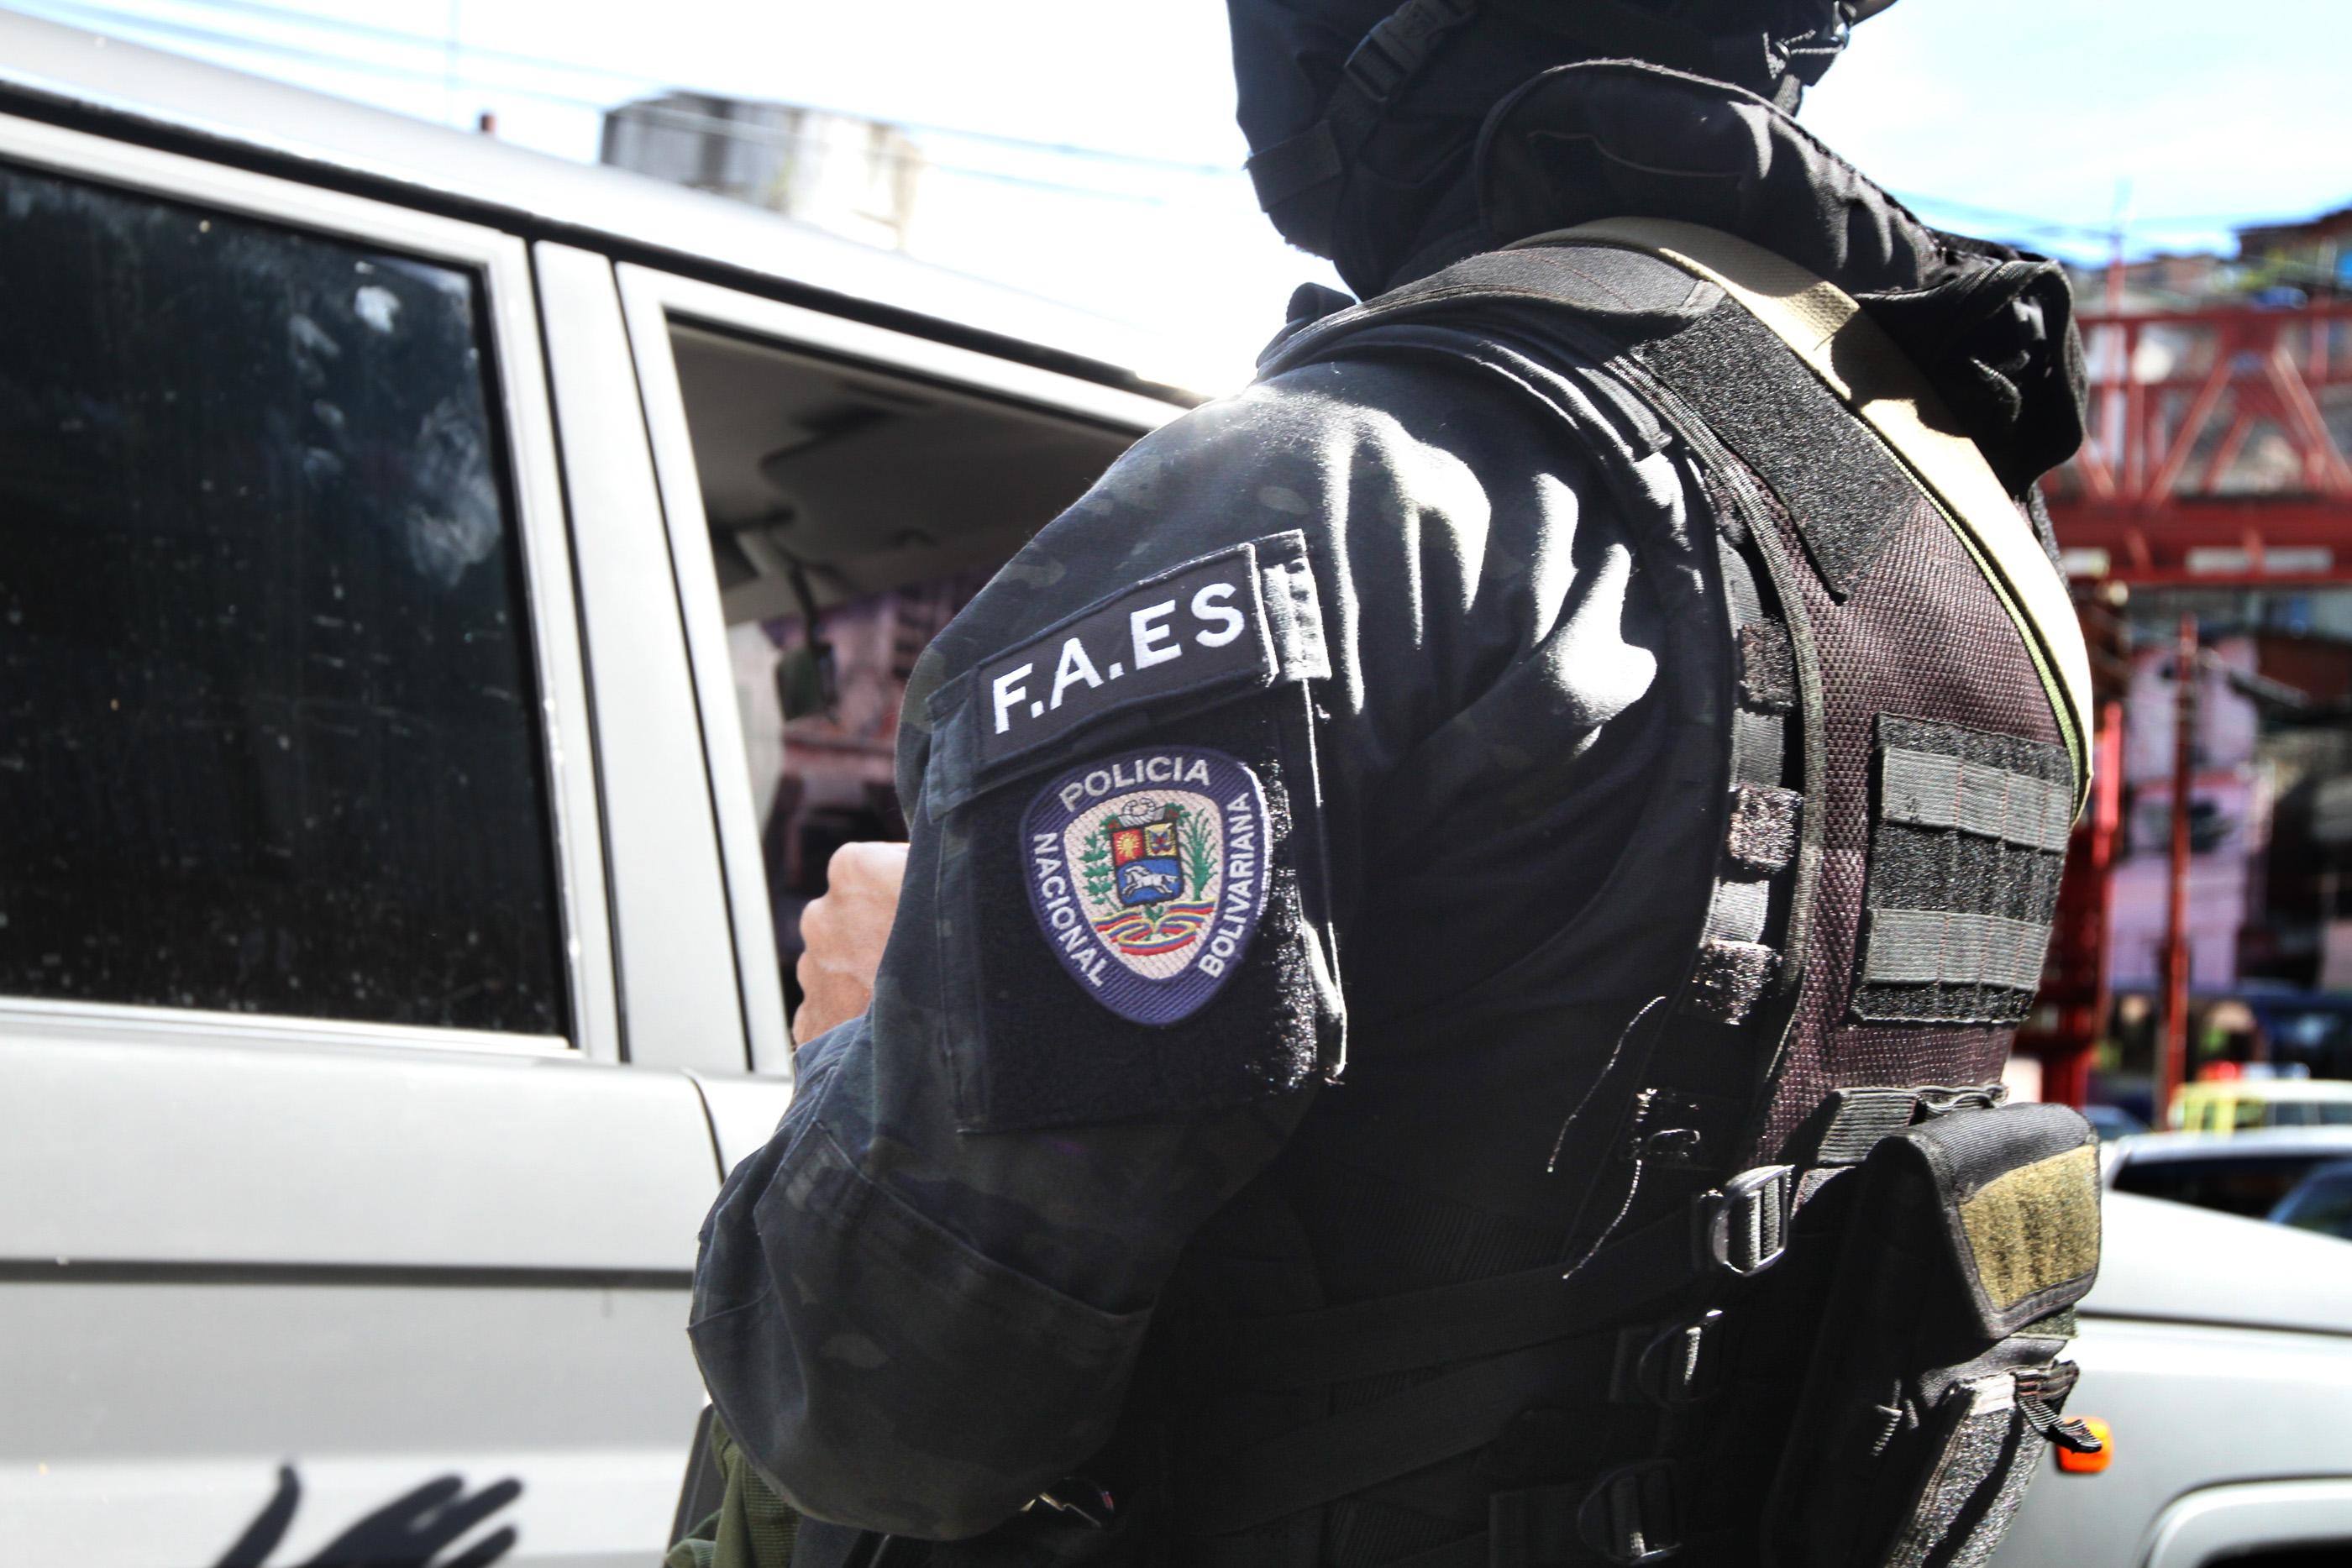 #MonitorDeVíctimas | Las FAES mataron a más de cinco personas al día en agosto